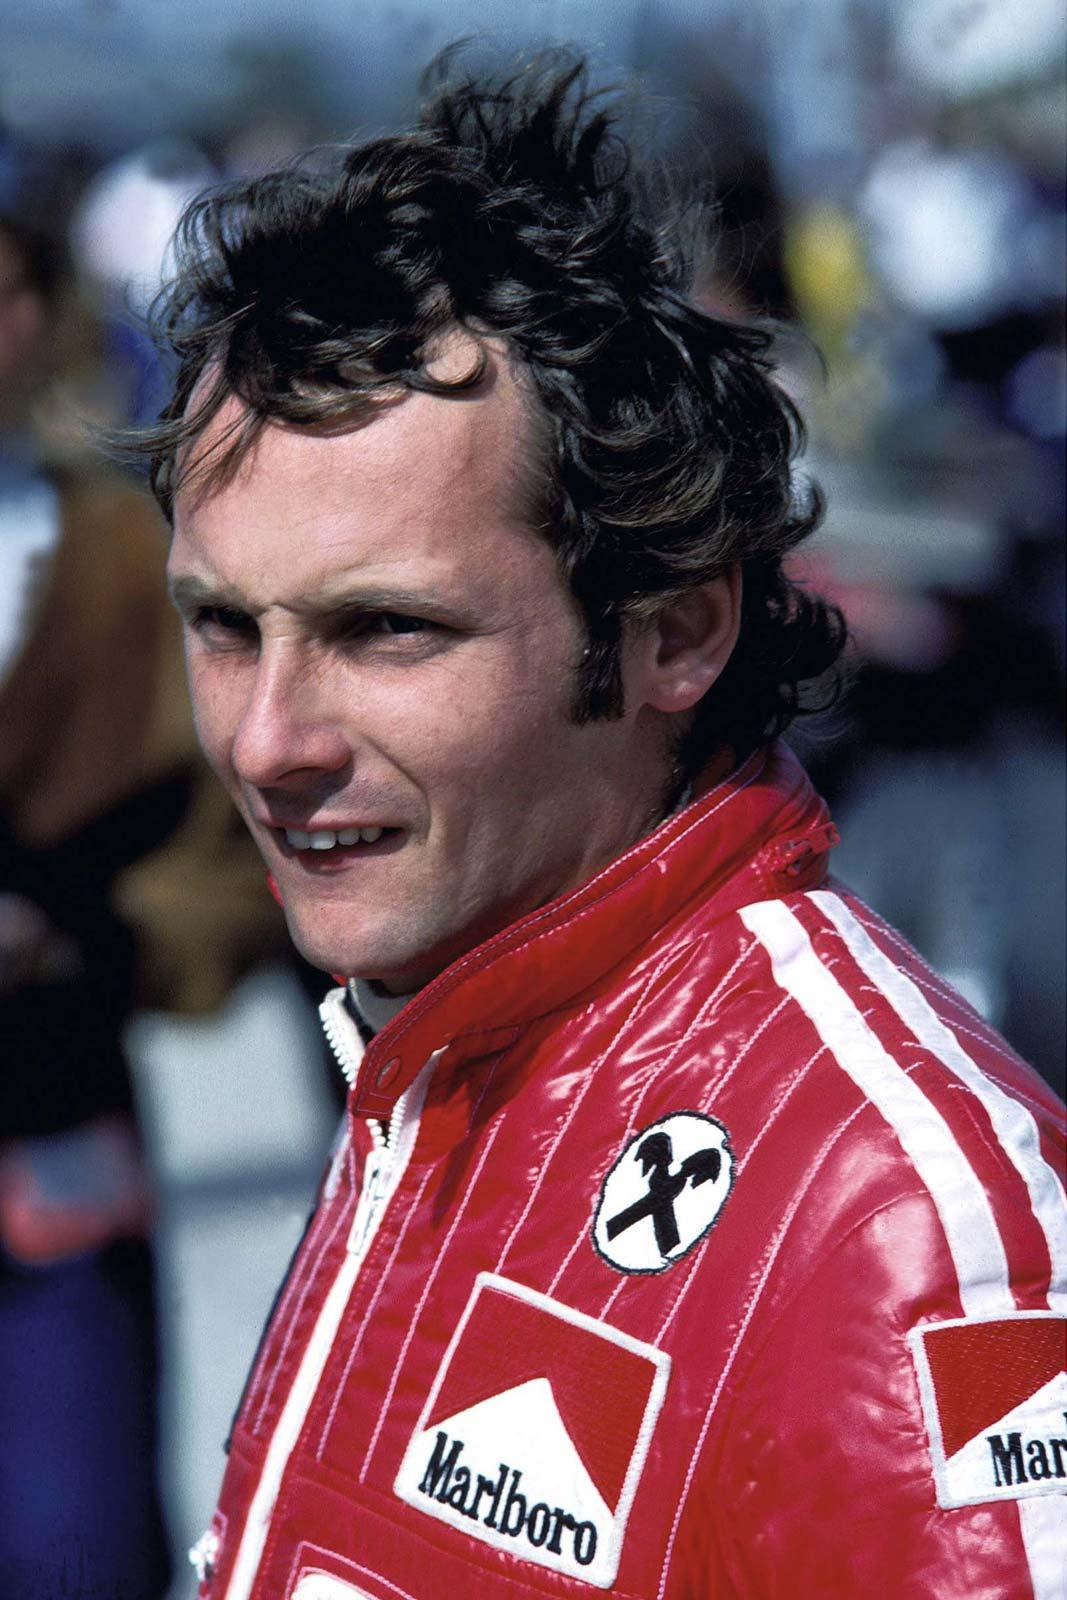 Niki Lauda - F1